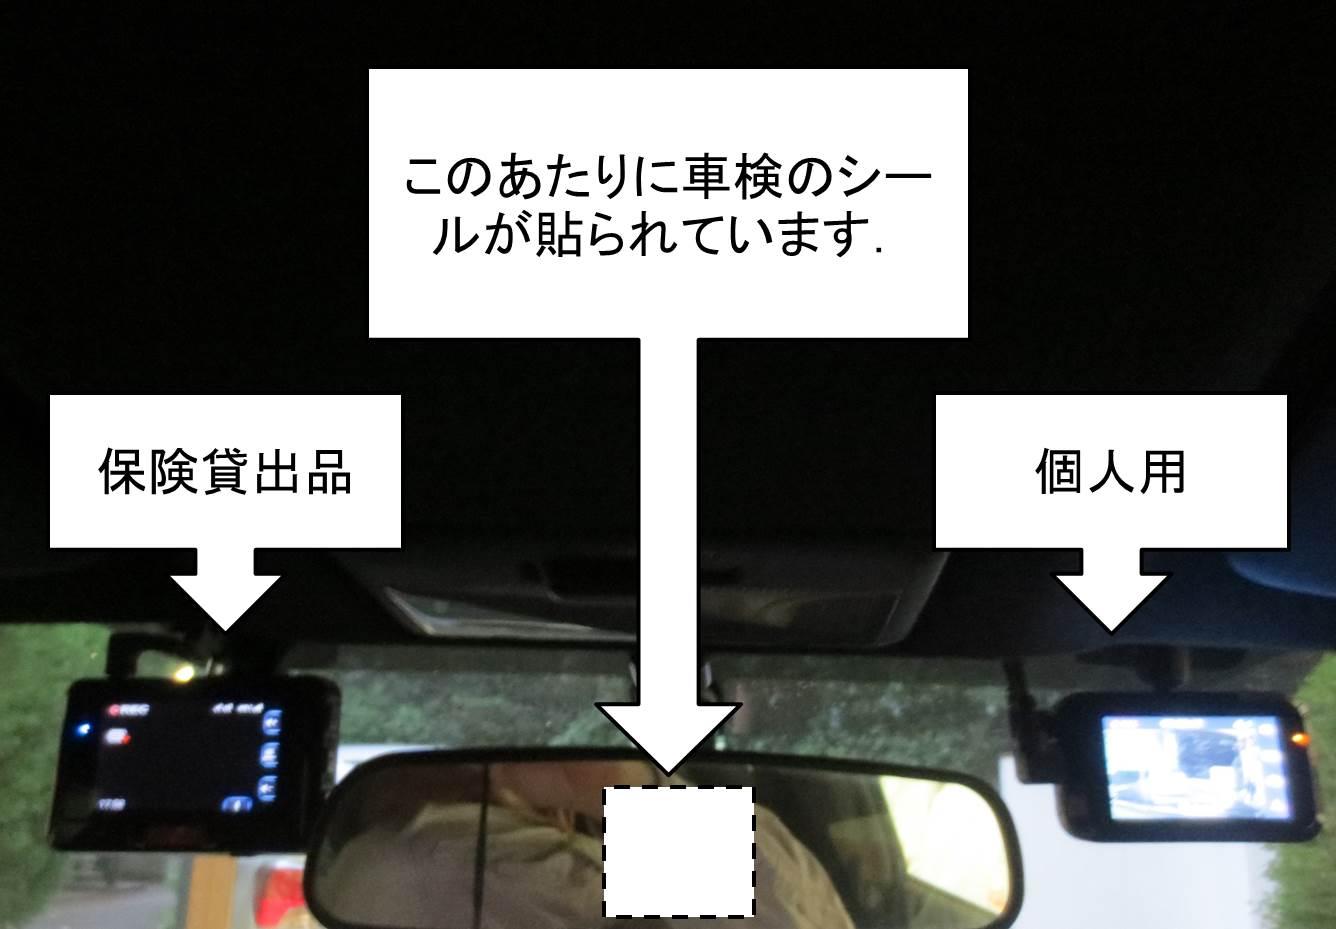 ドラレコ2セット取り付け(リアカメラケーブル編)